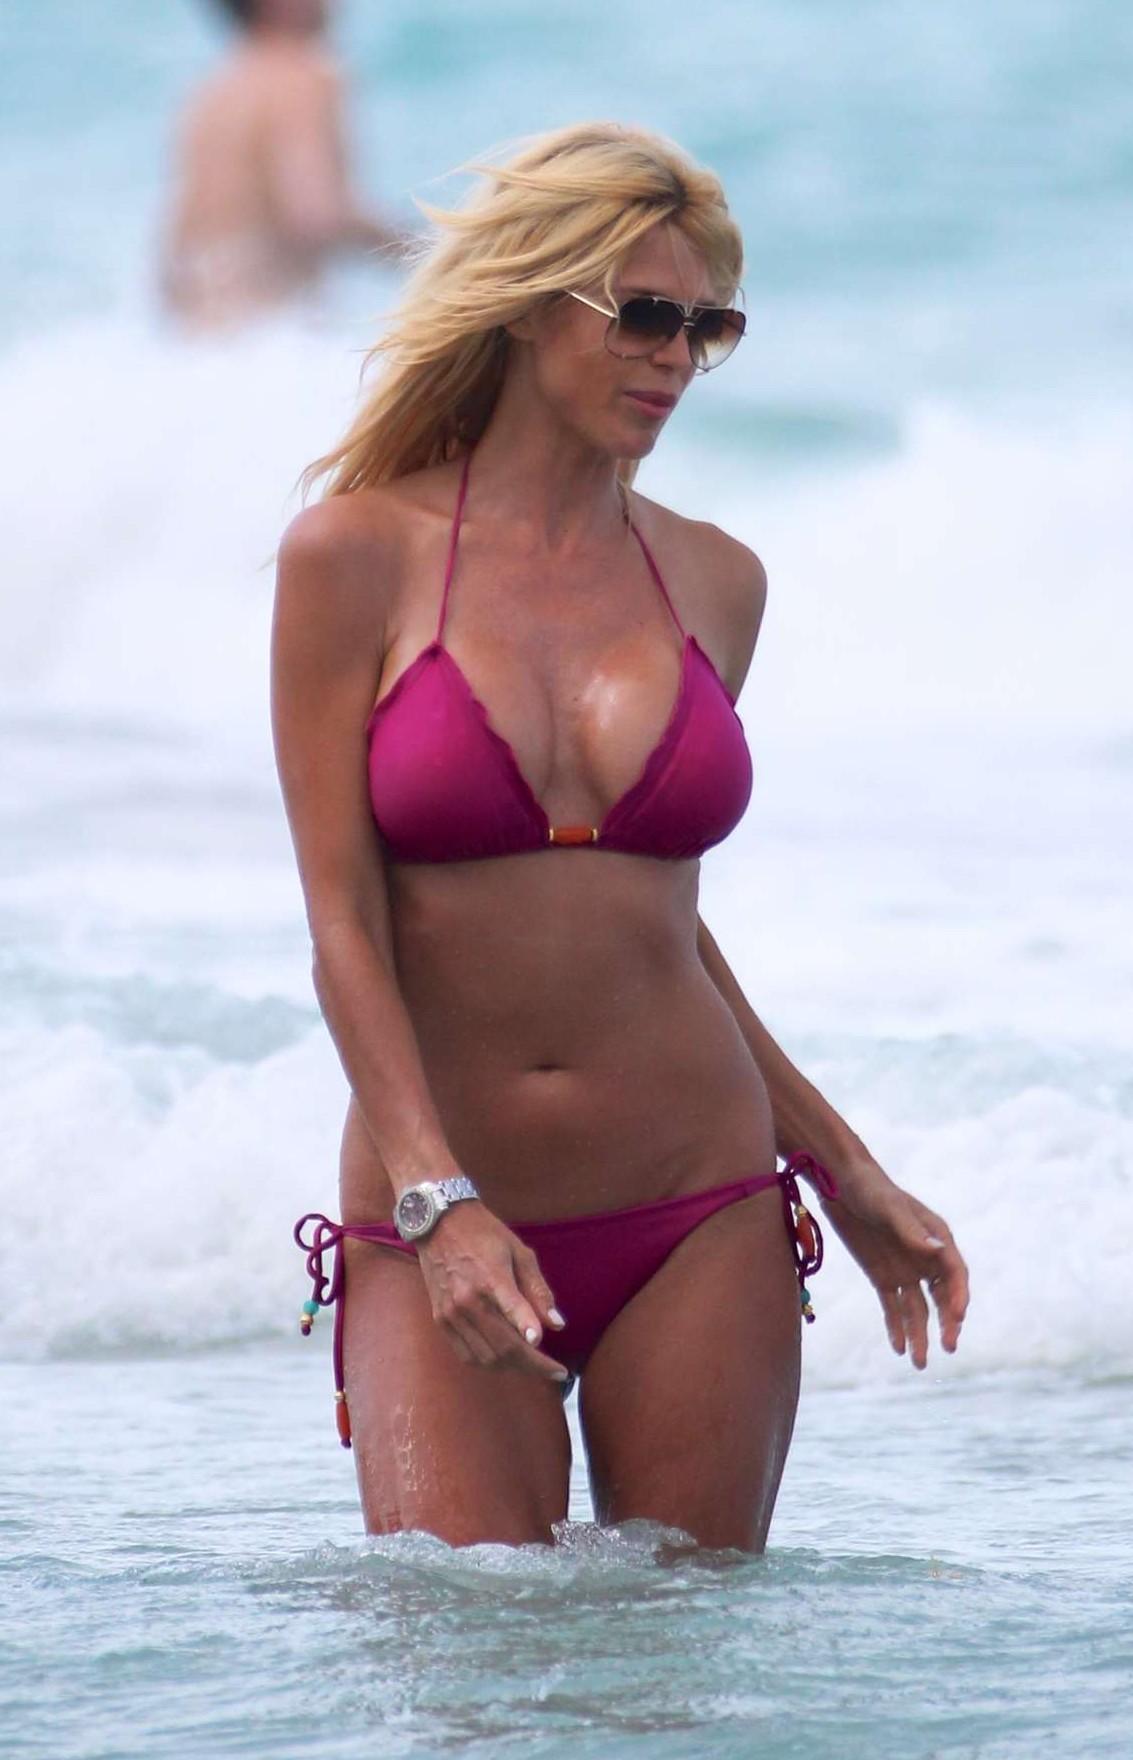 victoria-hawkins-bikini-pictures-free-nudepics-of-michelle-johnson